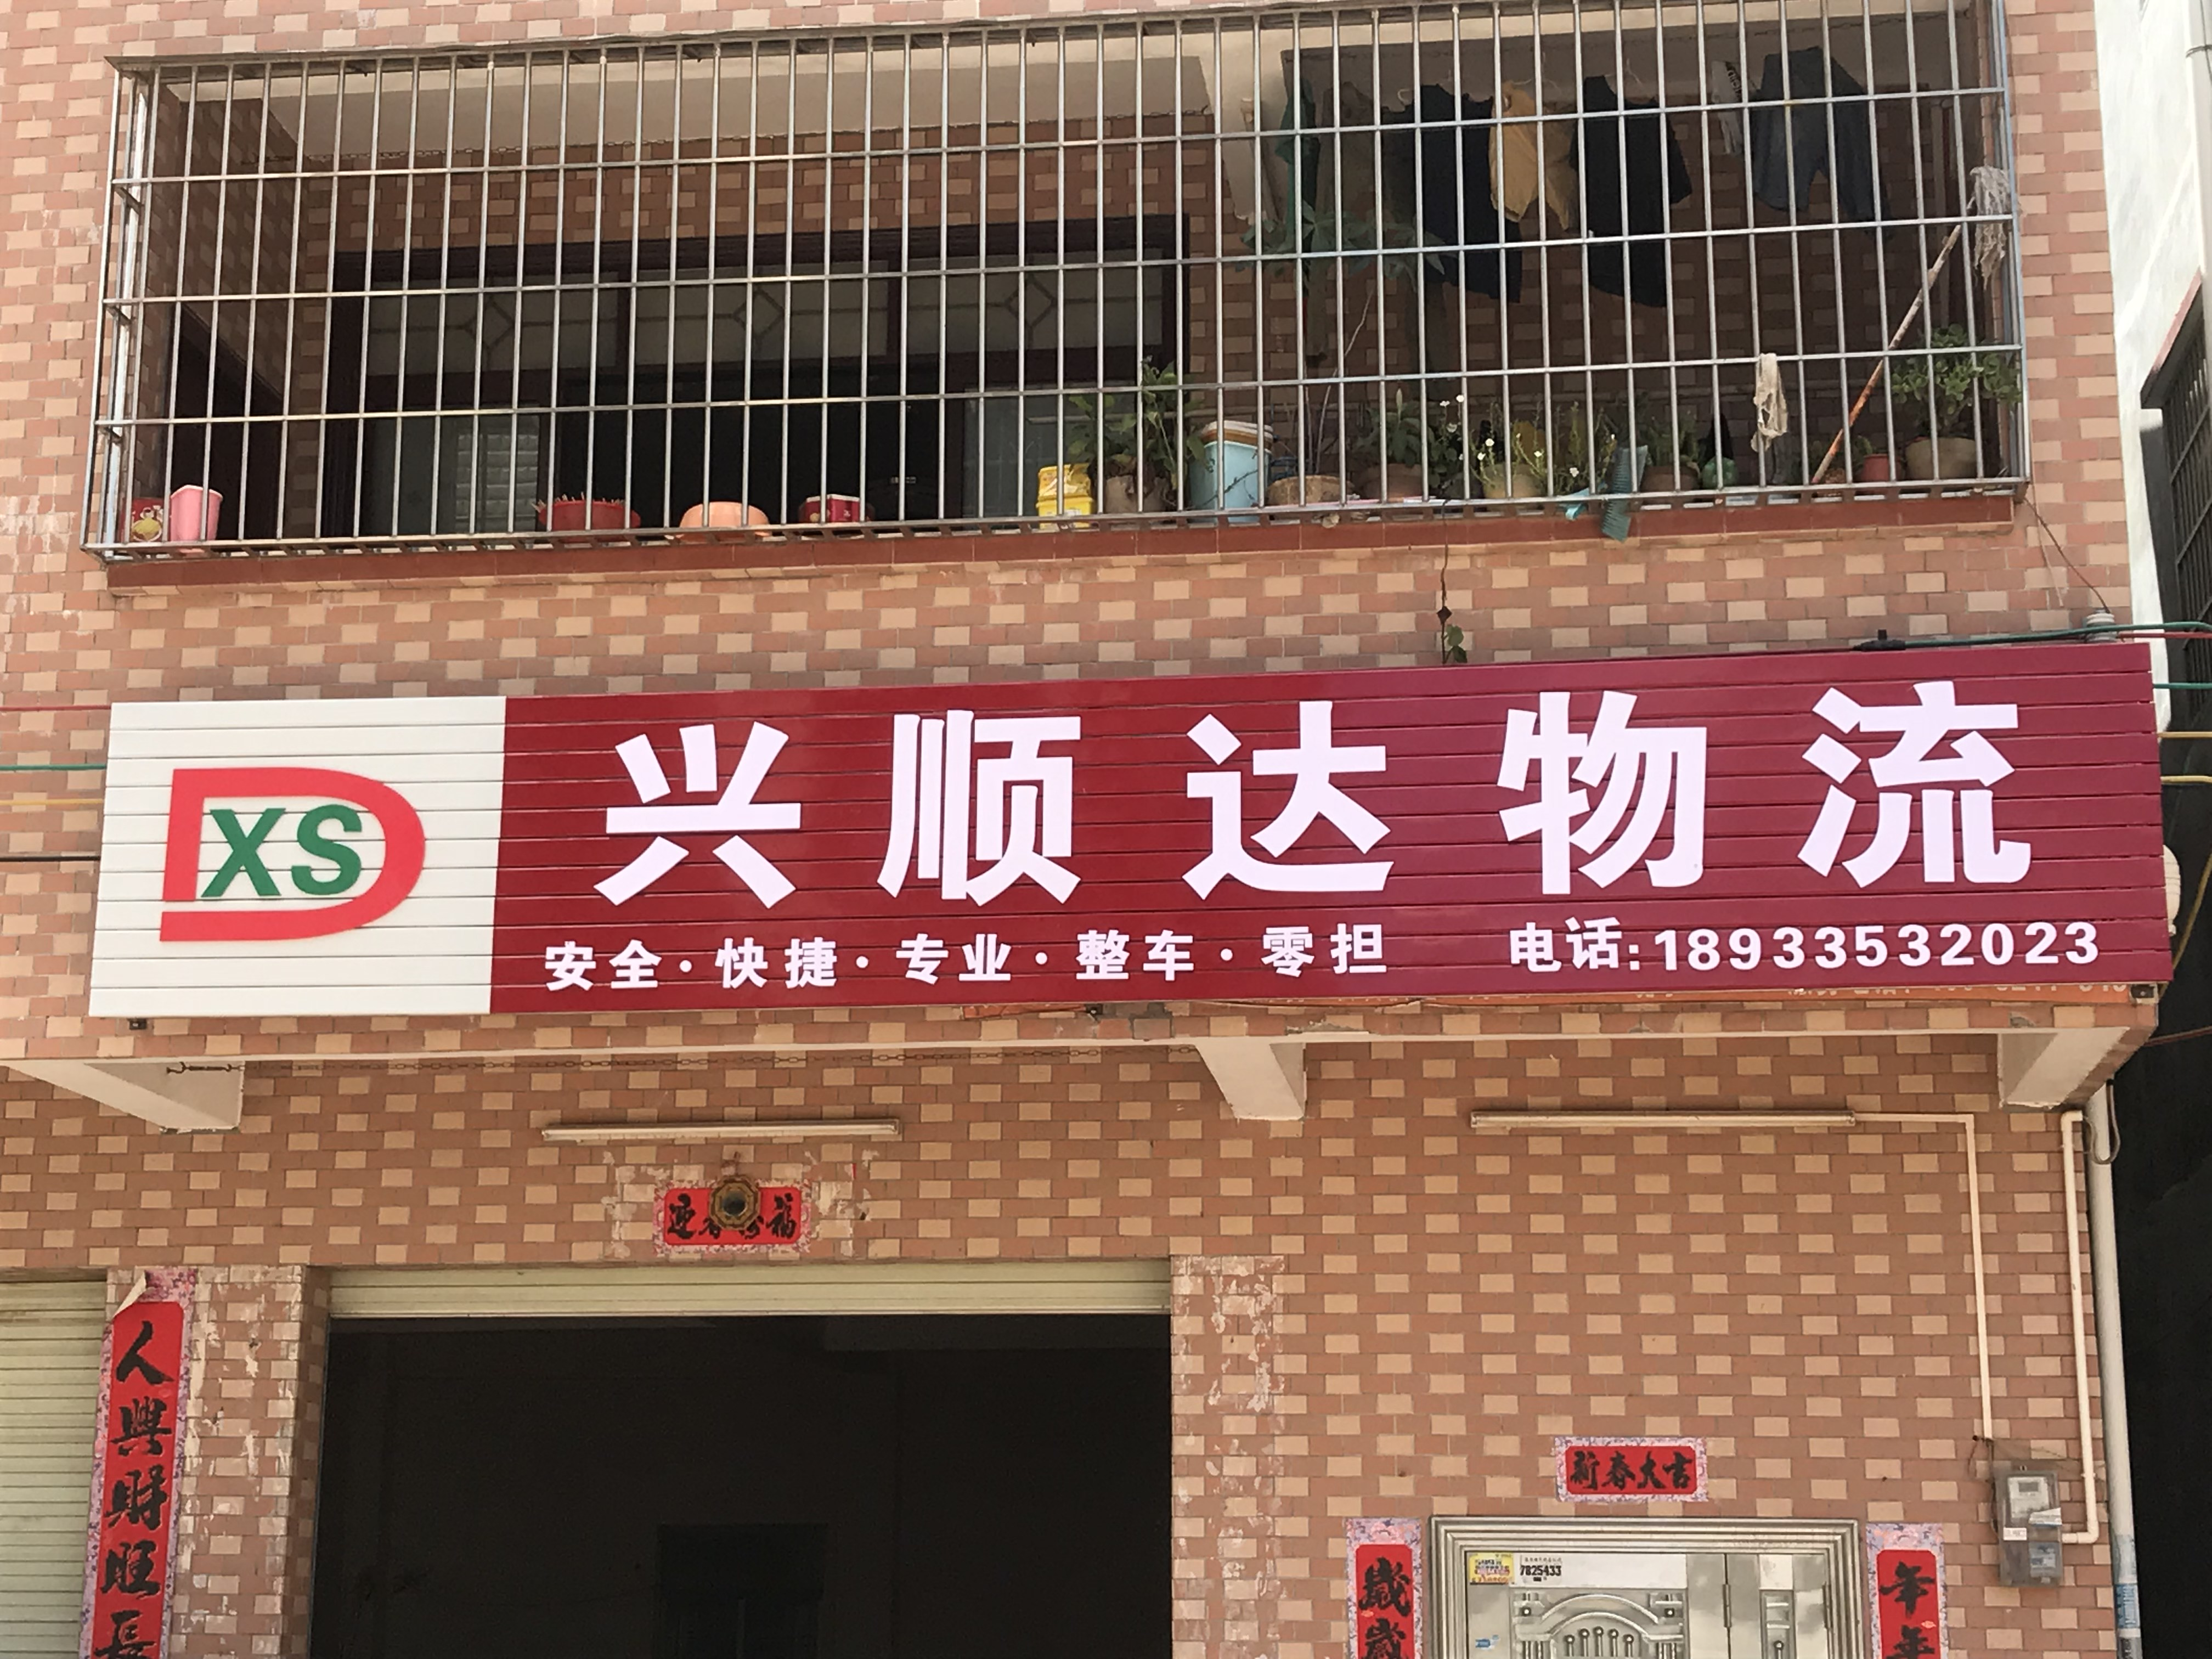 广东省惠州市惠阳到广东省汕尾市海丰县物流货源信息